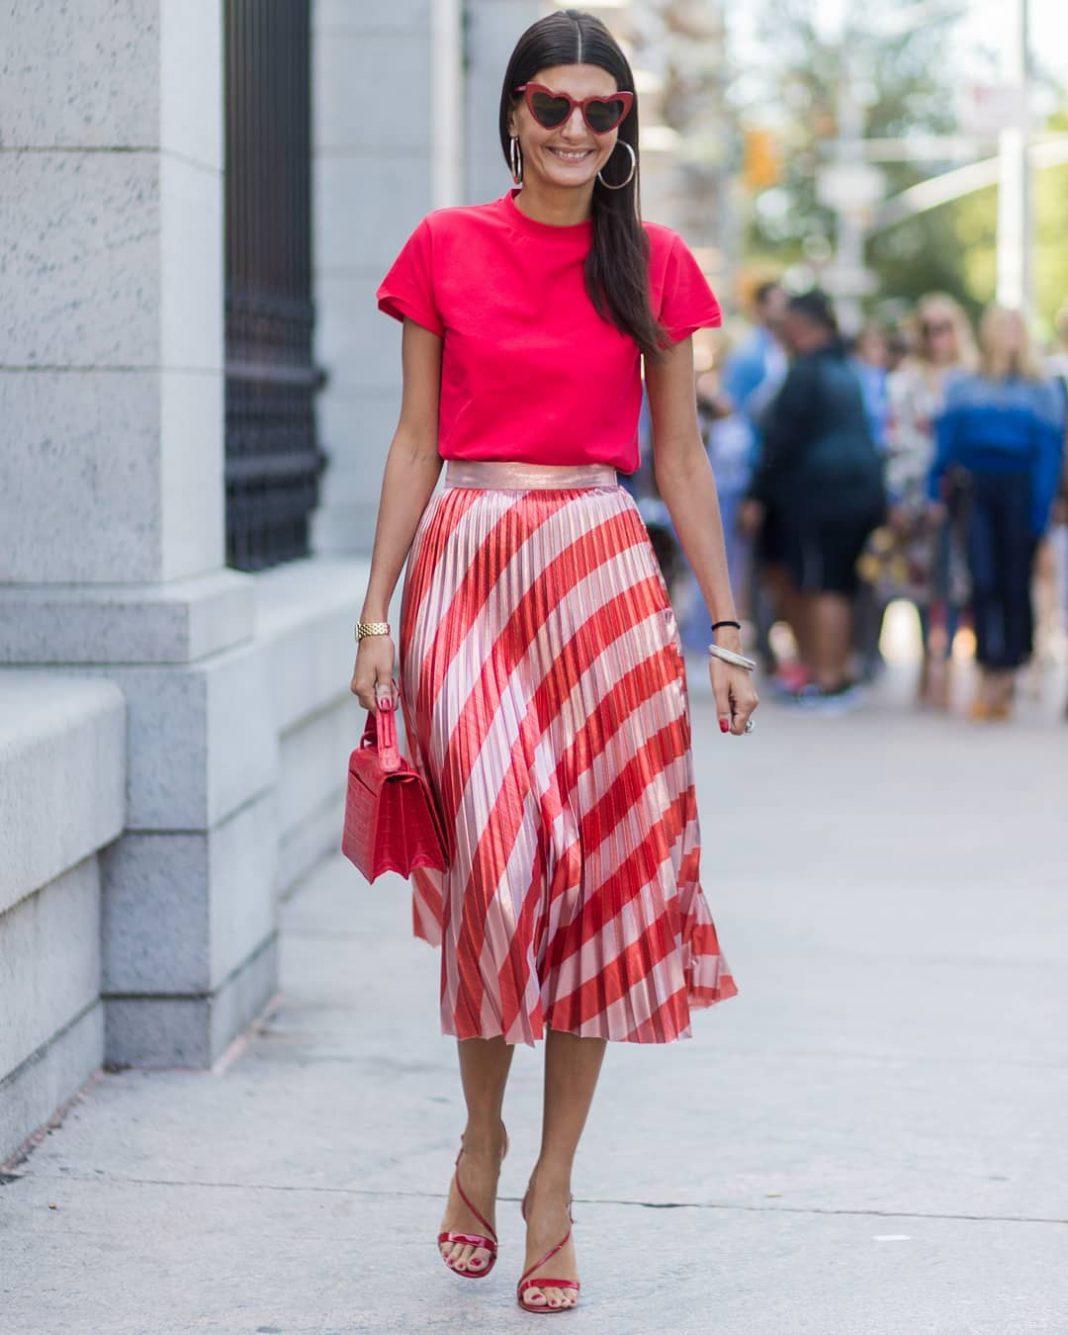 Fashion Röcke Sommer 2019: 100 Fotos von Trends, neuen